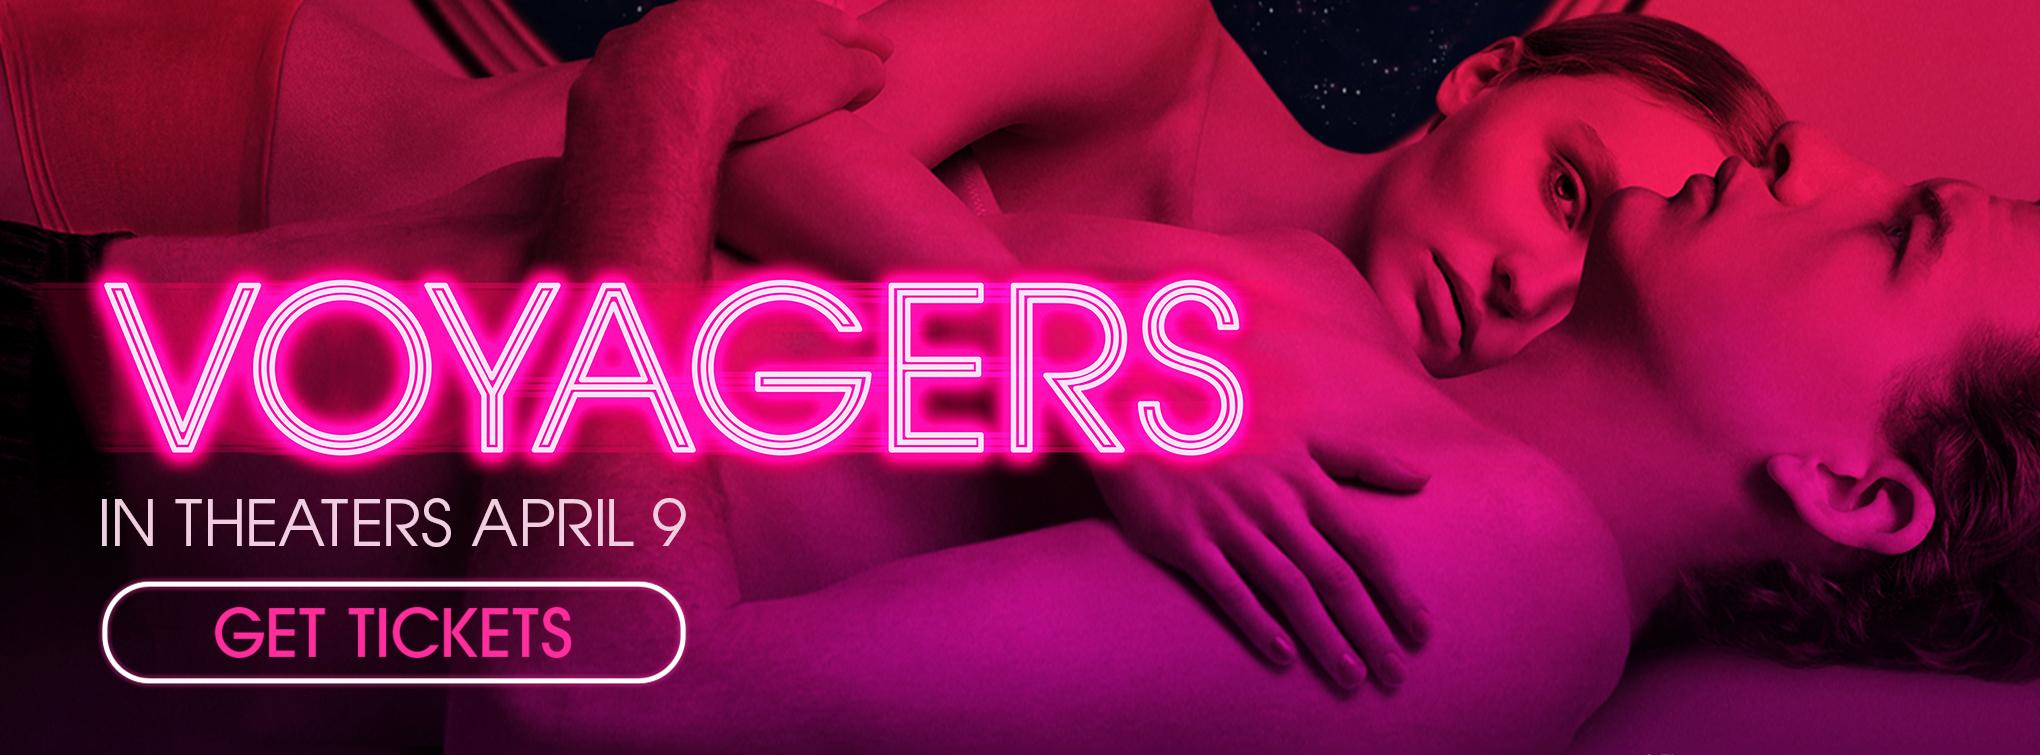 Slider image for Voyagers - April 9